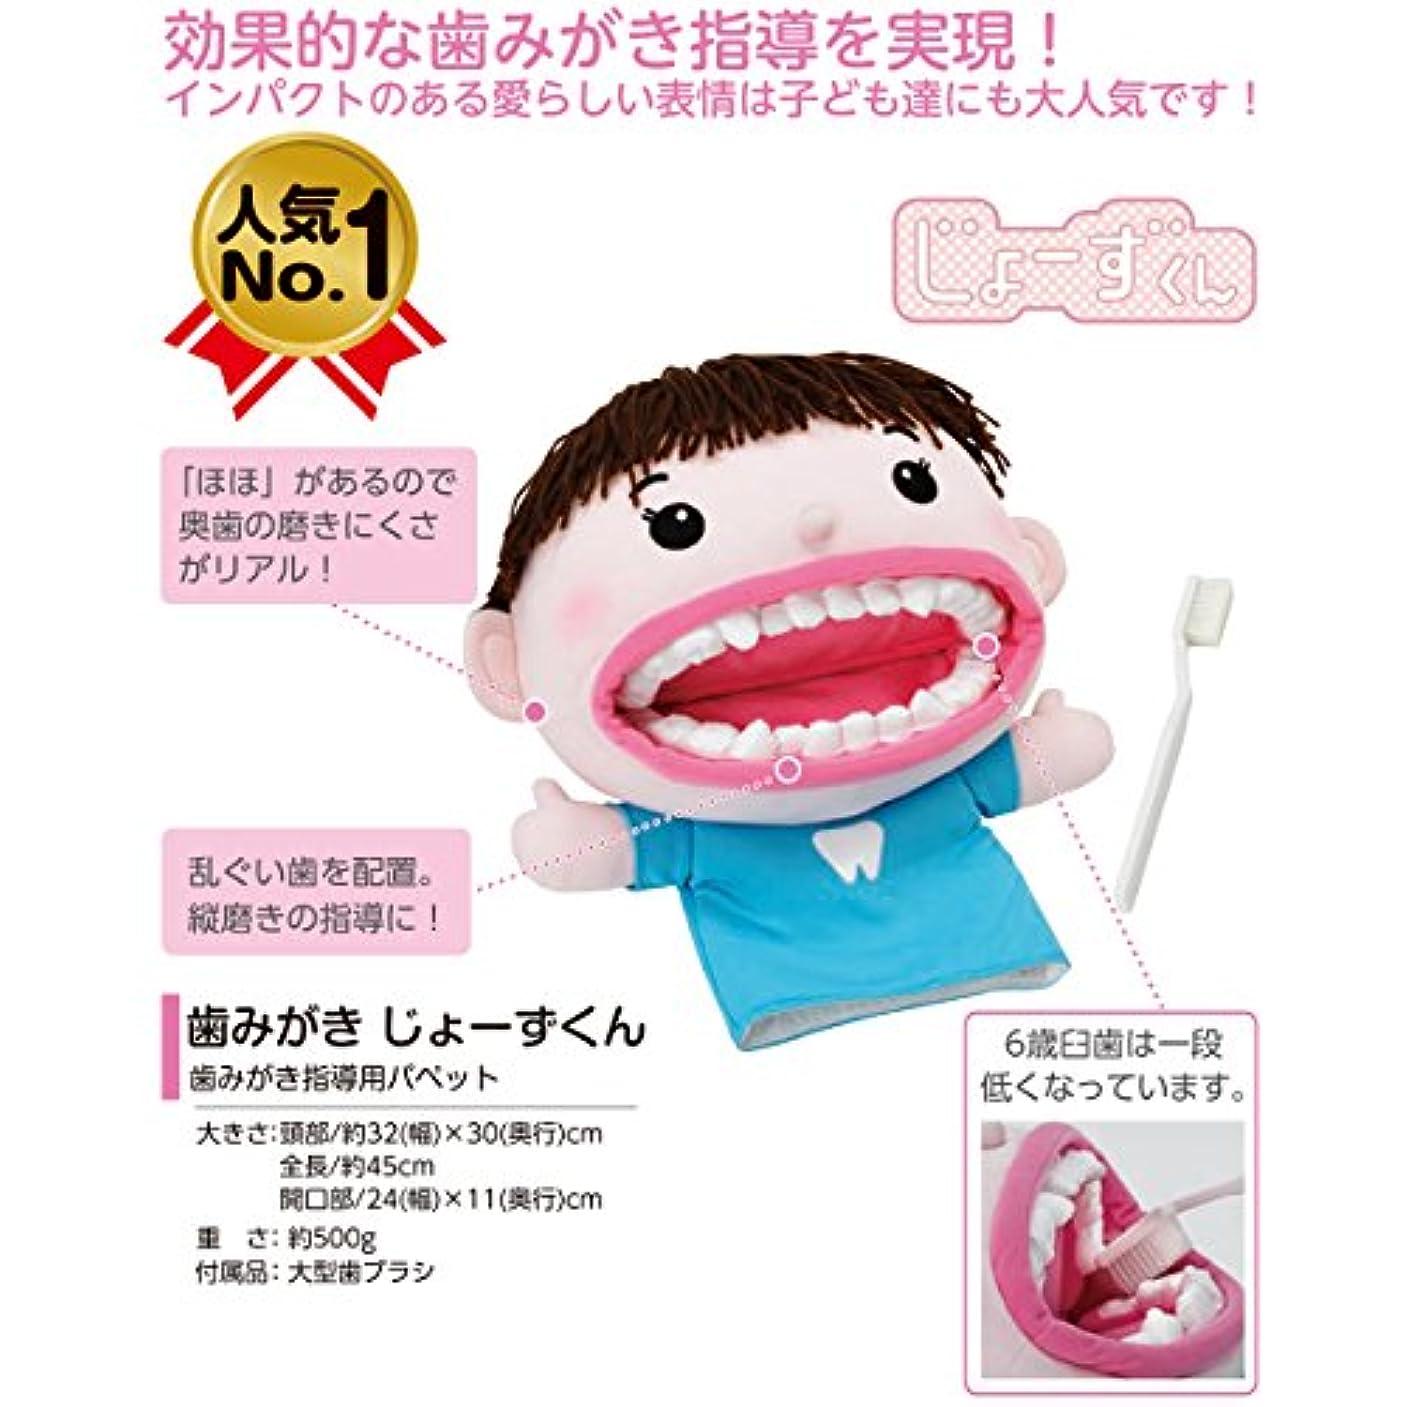 放射能であること育成歯みがき じょーずくん 歯磨き 指導用 教育用 パペット 人形 ぬいぐるみ